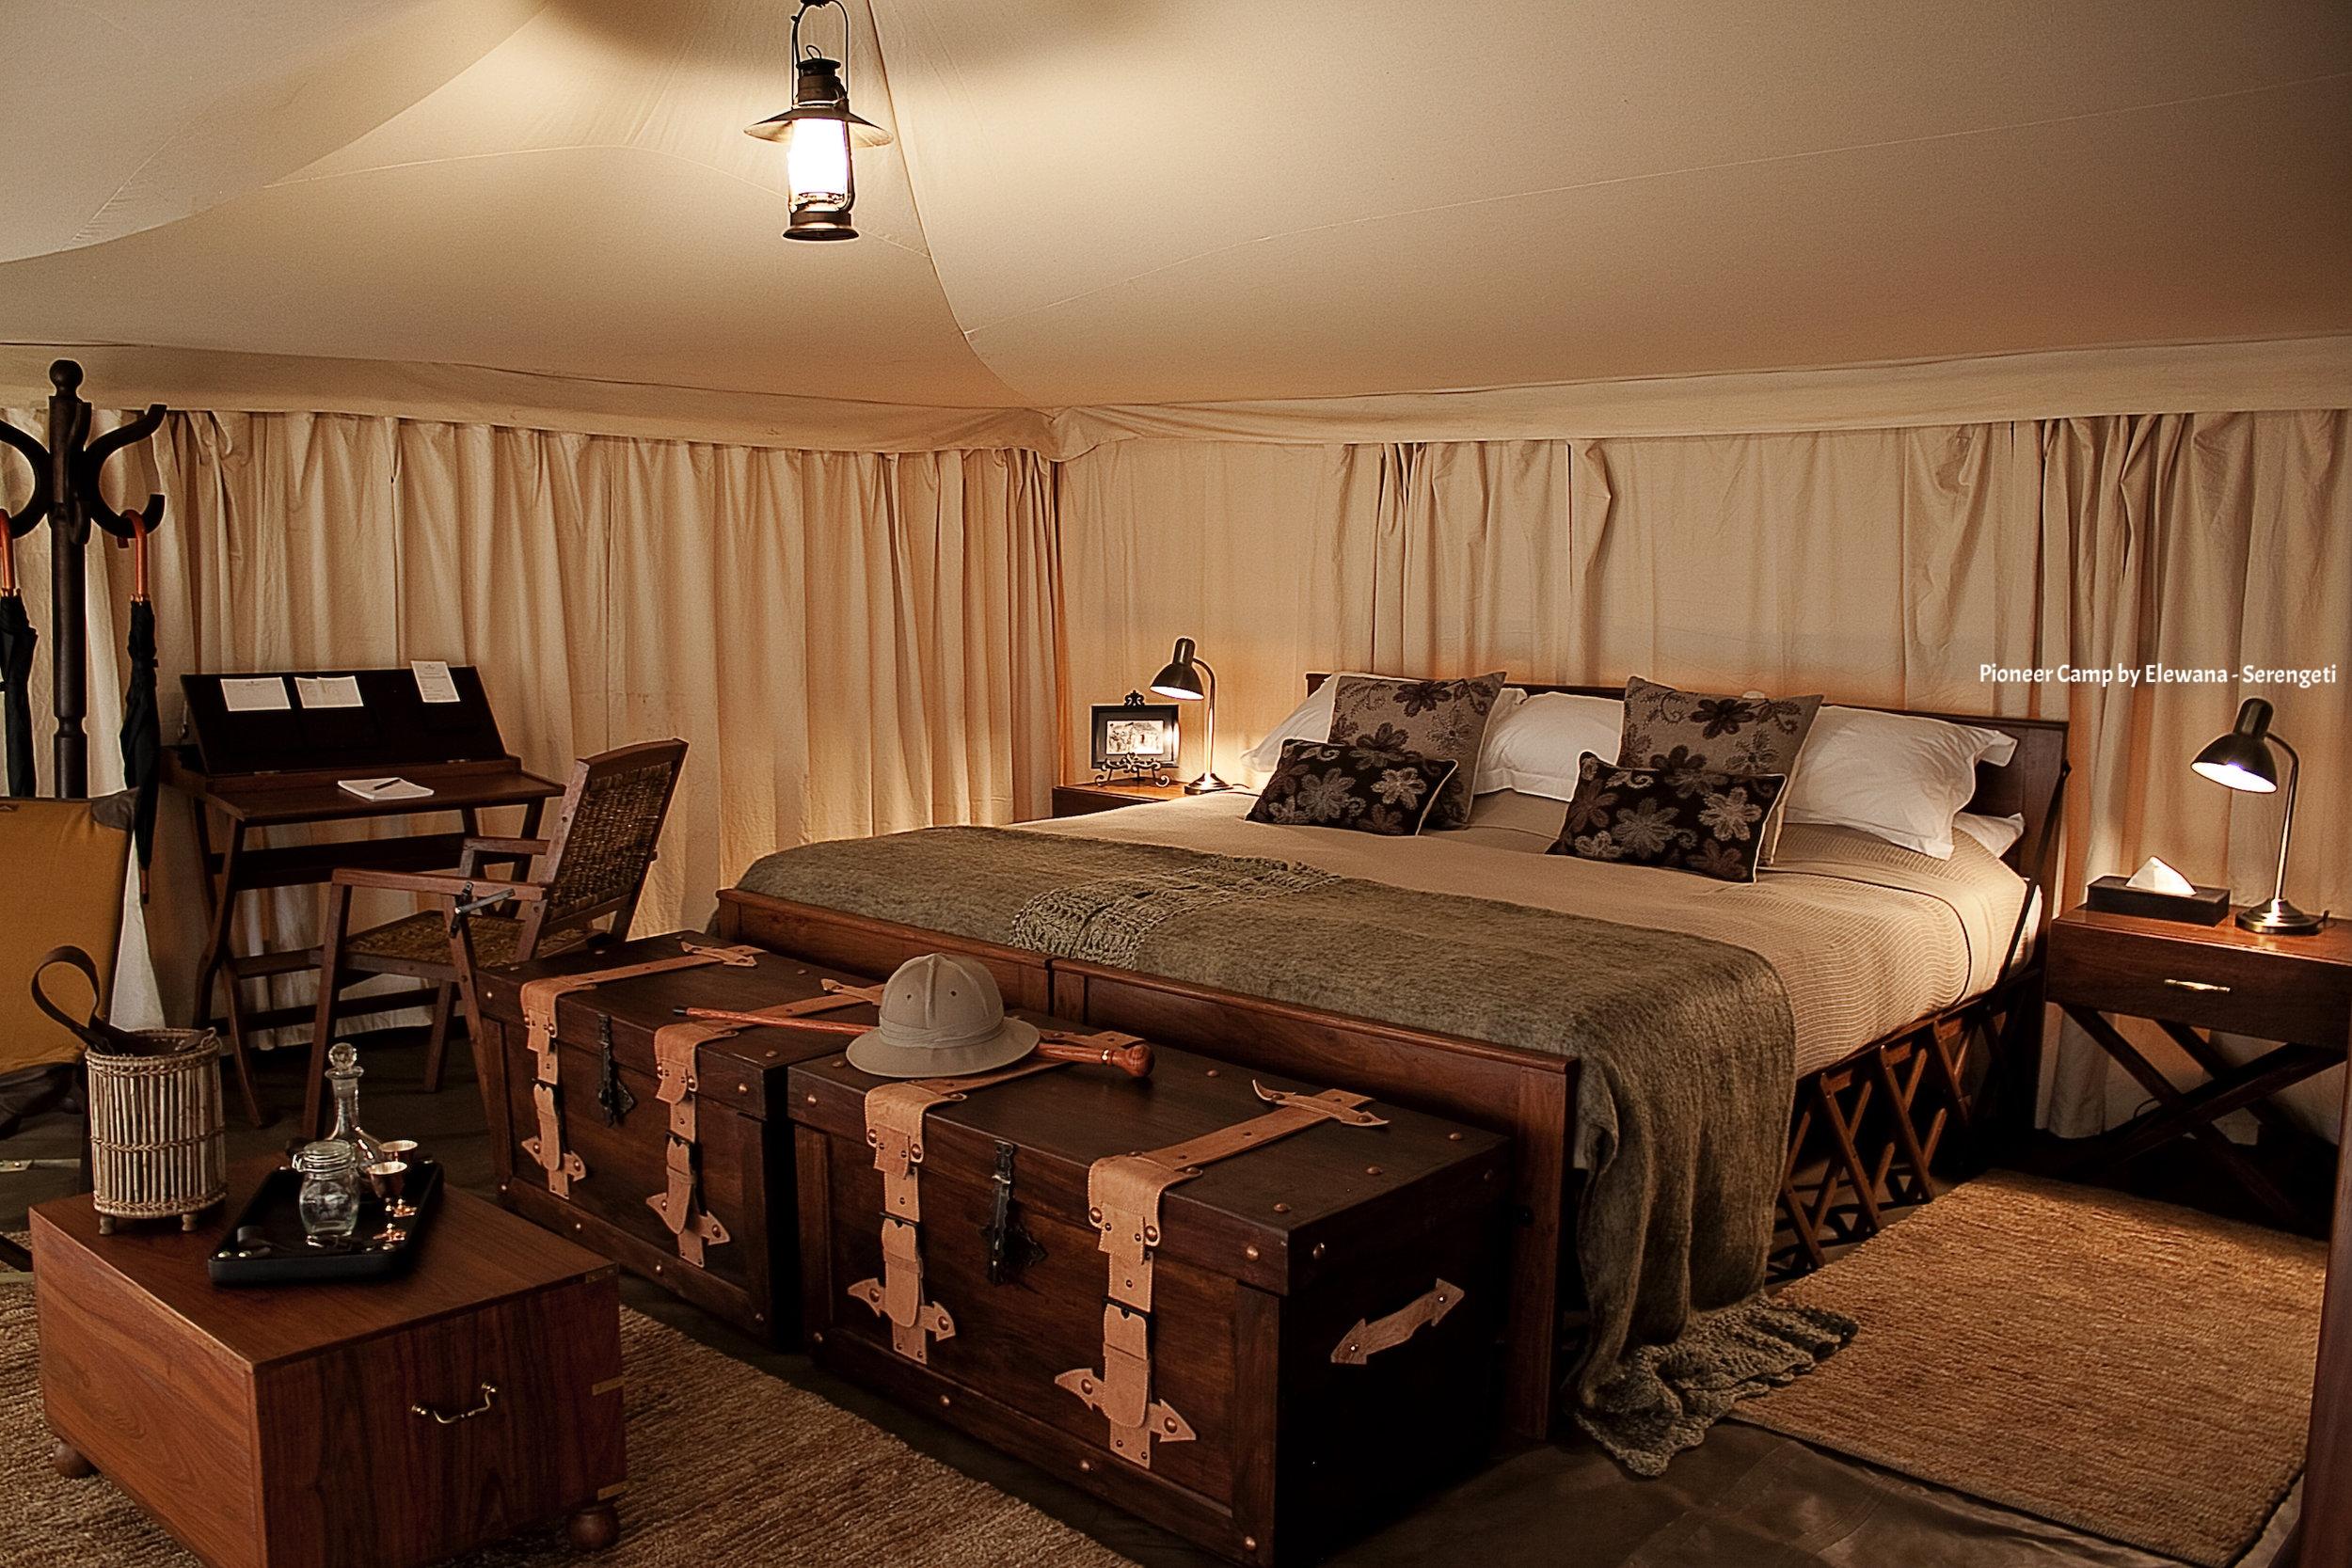 elewana_pioneer_camp_tent.jpg